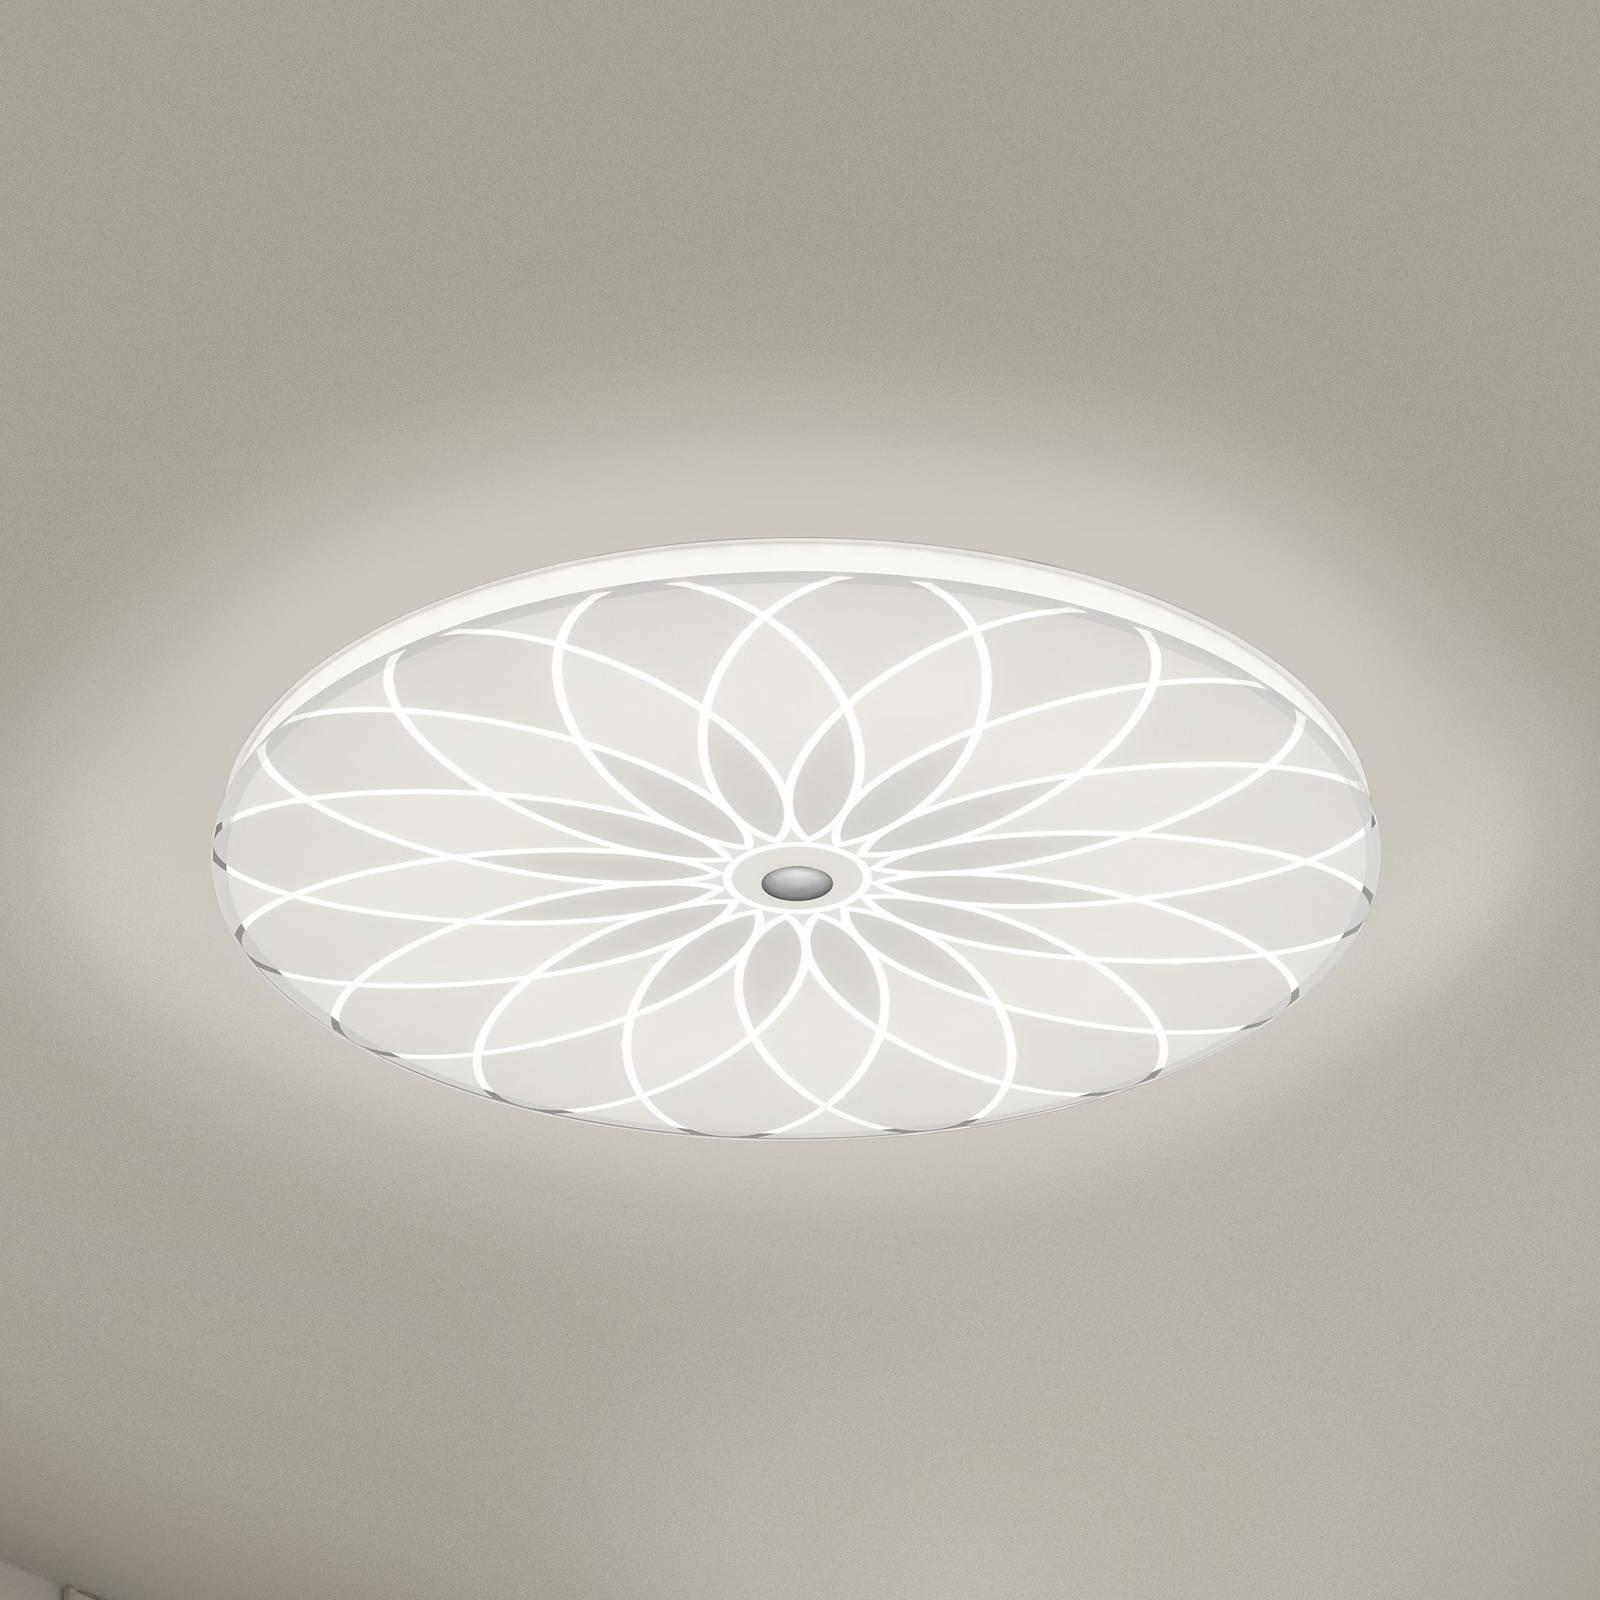 BANKAMP Mandala LED-taklampe blomst, Ø 52 cm